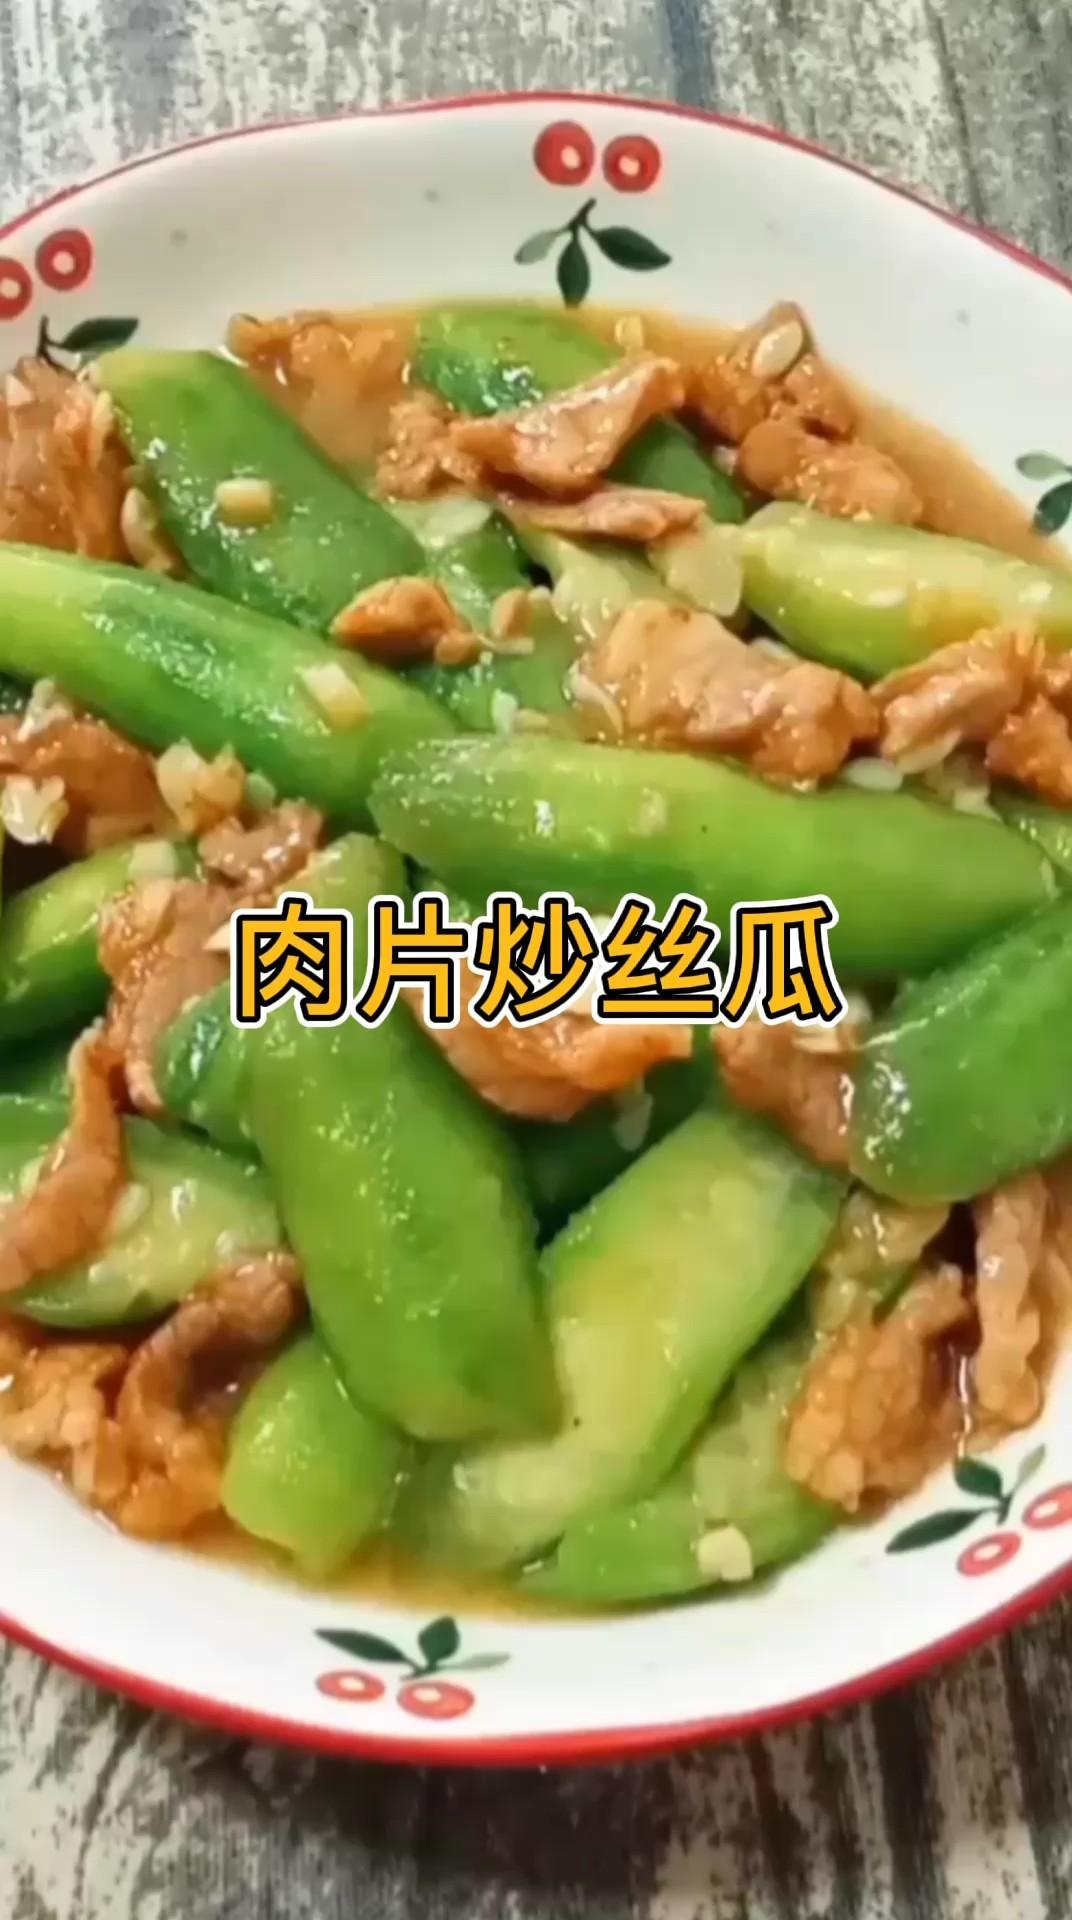 肉片炒絲瓜的做法